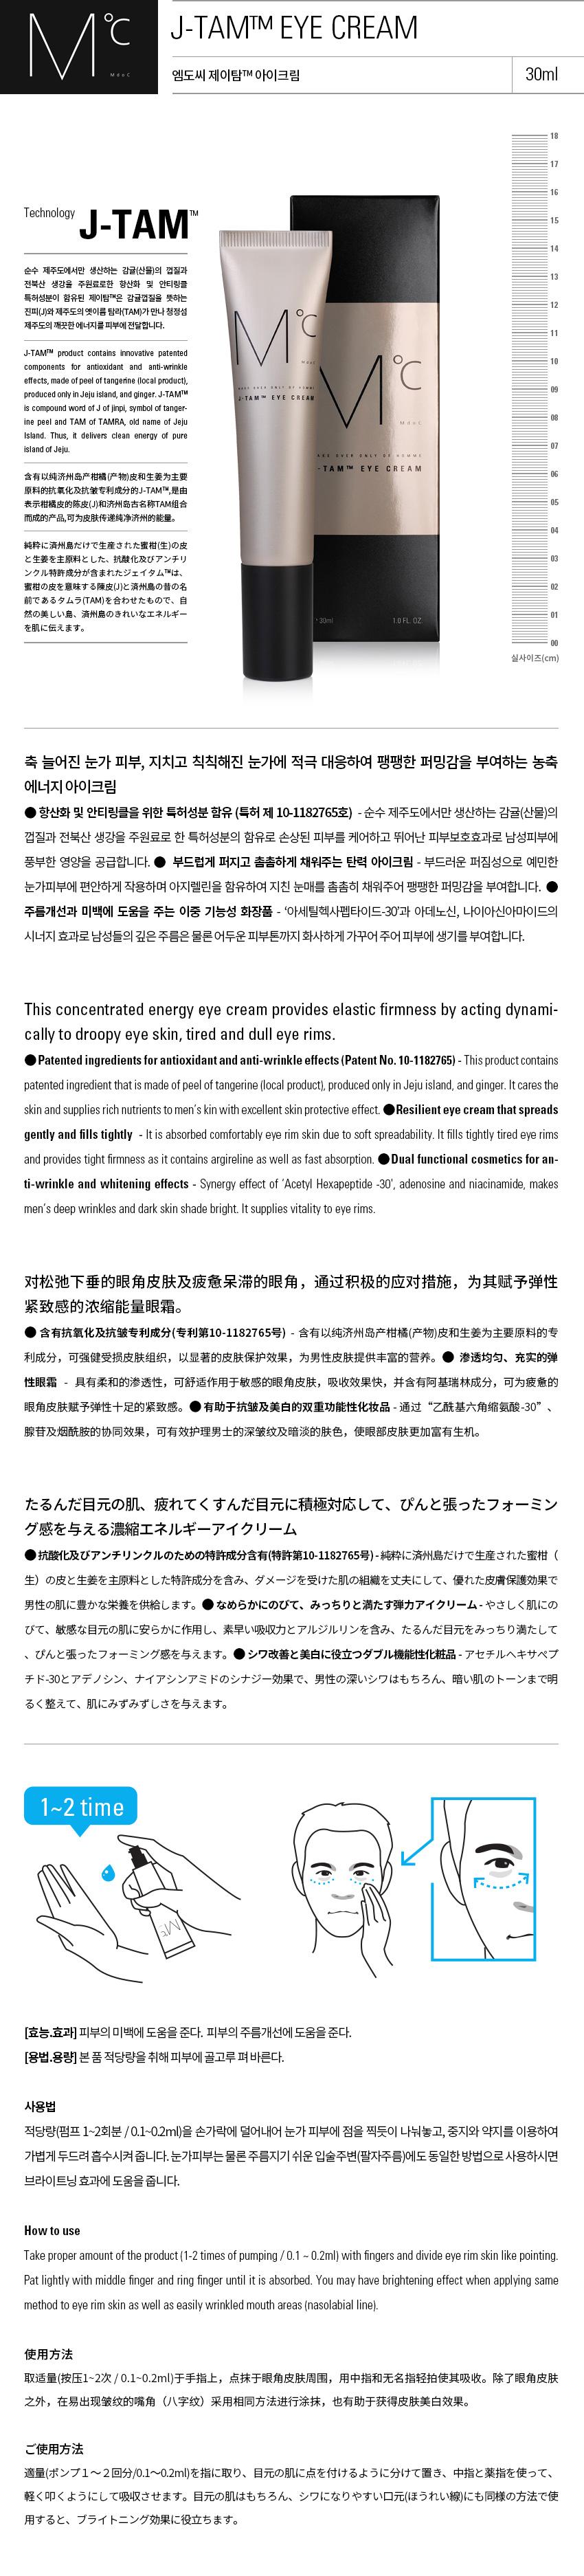 nd_jtameye_info.jpg